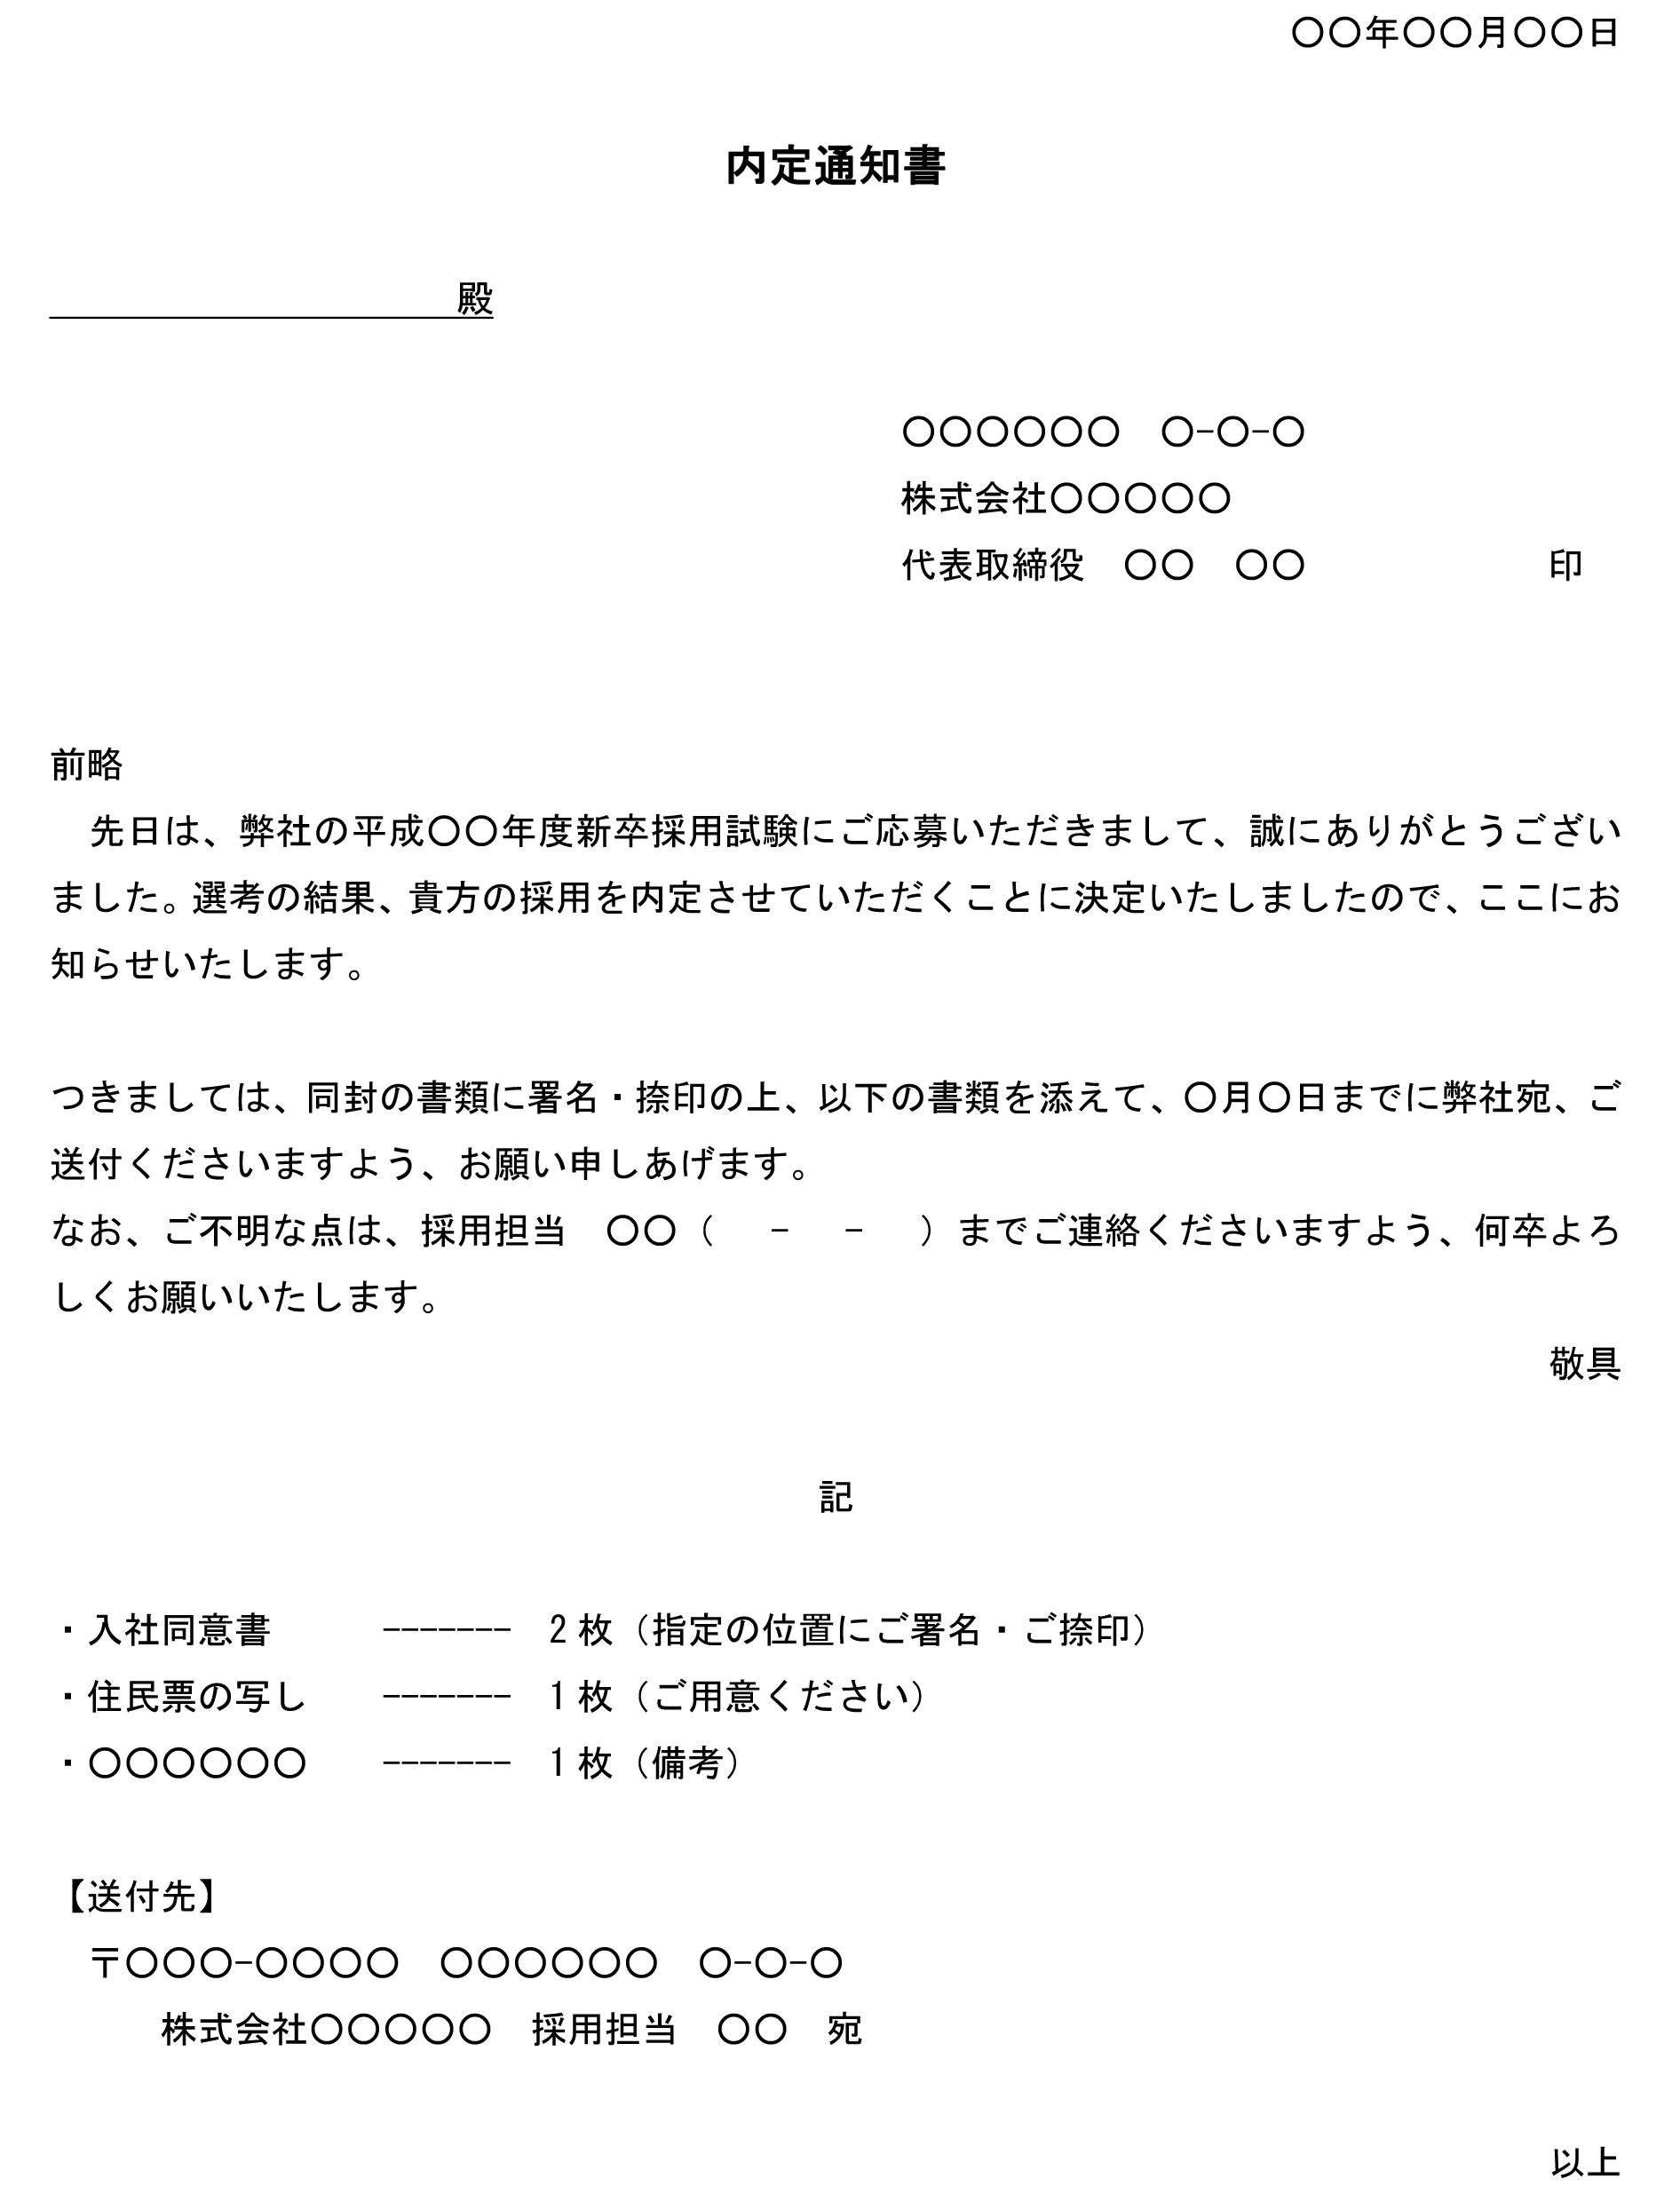 内定通知書(新卒採用試験用)02